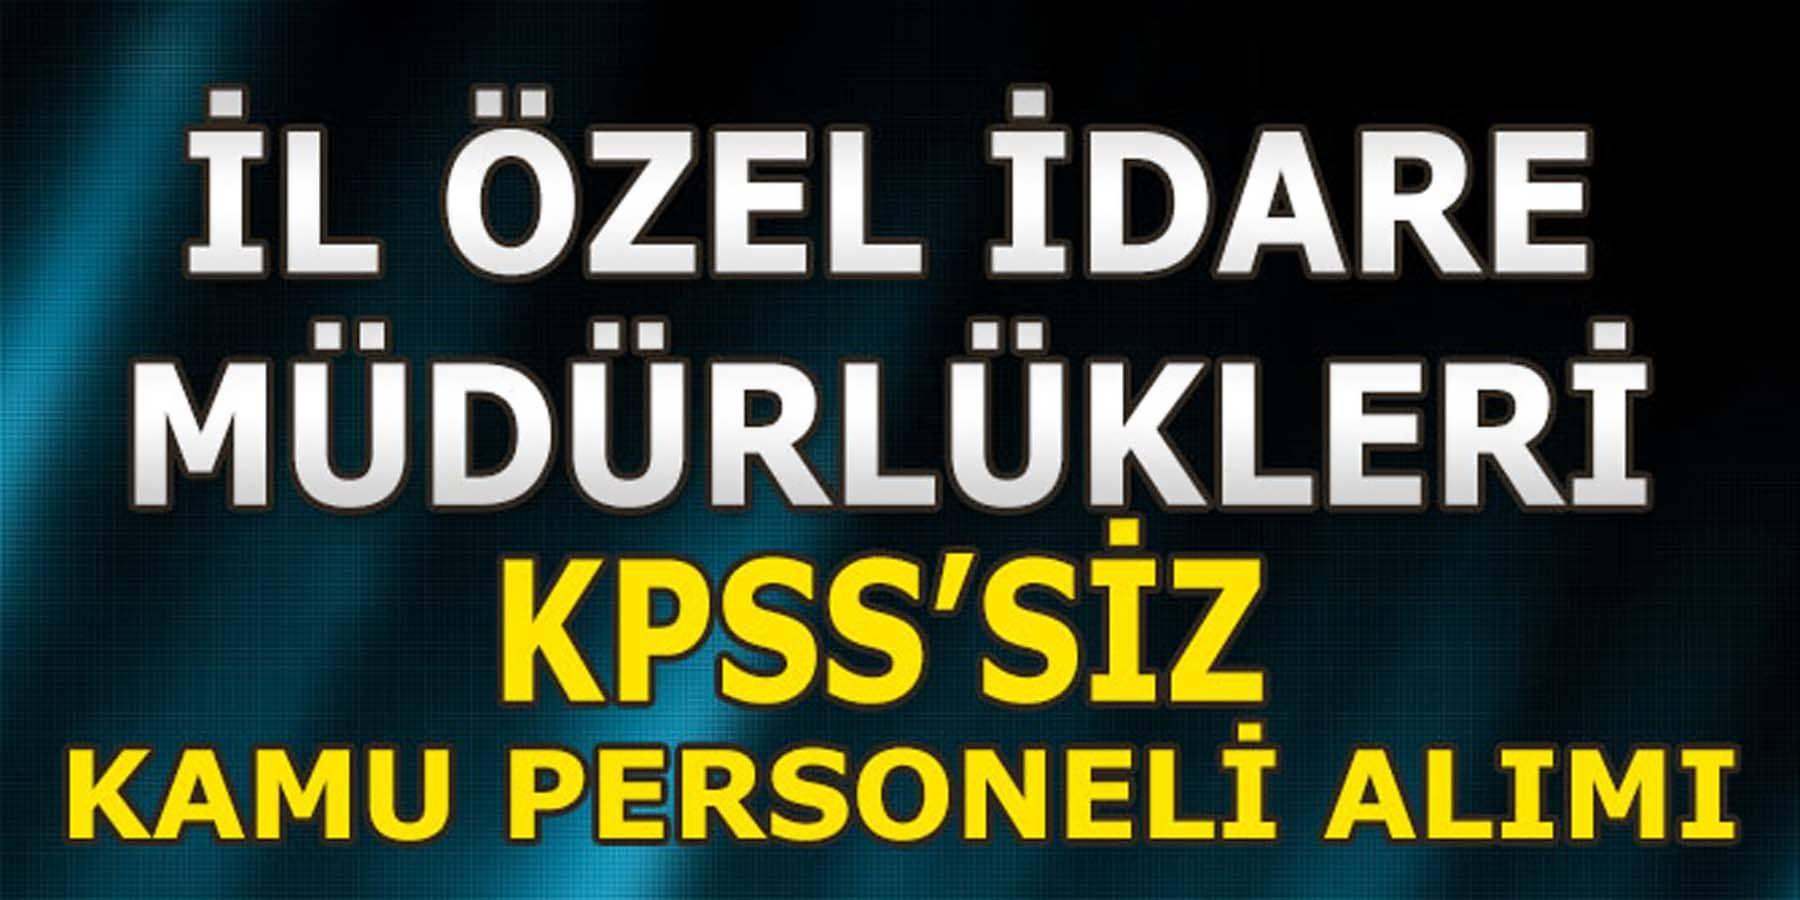 KPSS'Siz İl Özel İdare Müdürlükleri Kamu Personeli Alımı